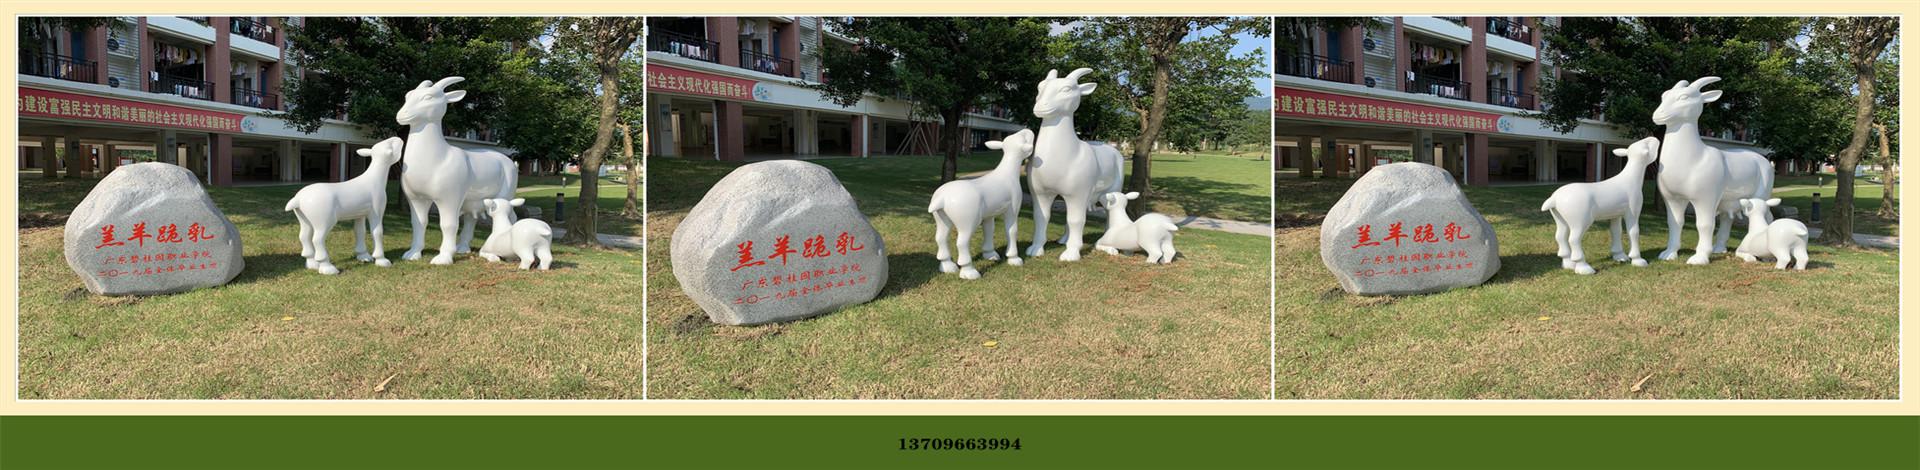 广州市益丰玻璃钢工艺品有限公司